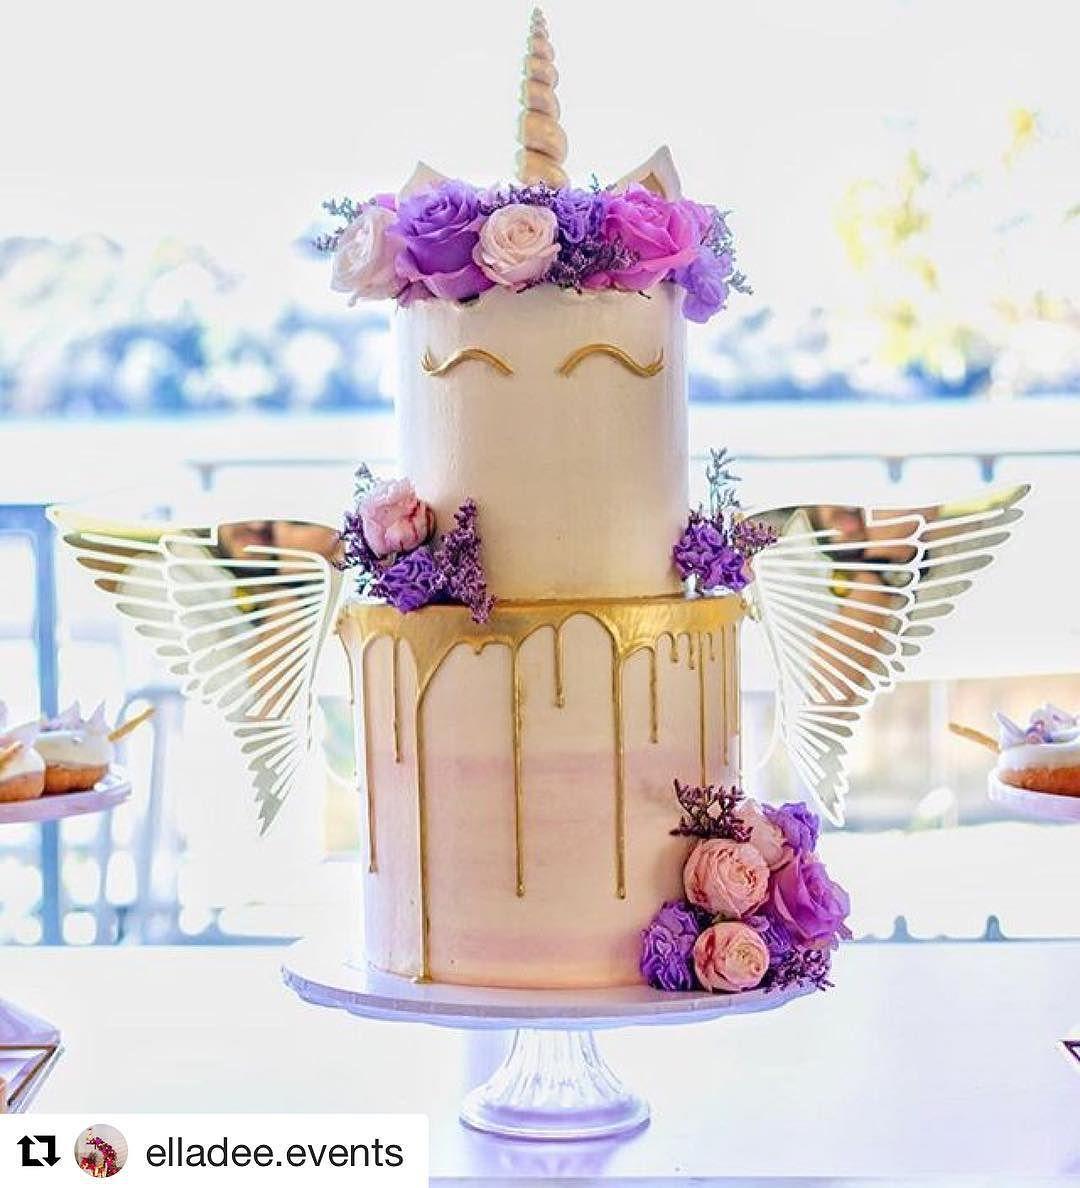 drip cakes o pasteles goteados 2019